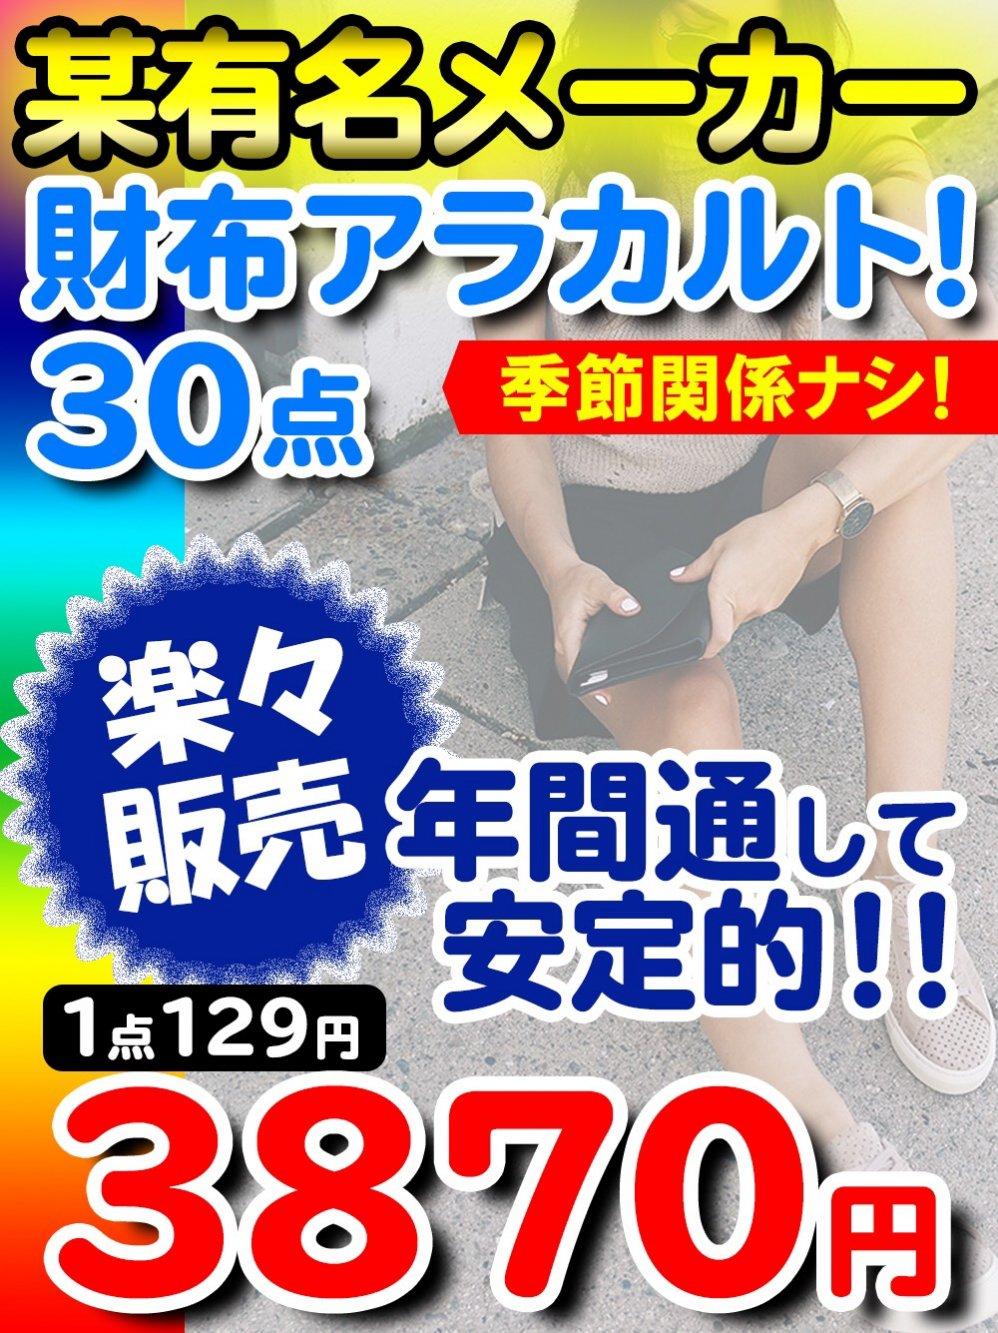 緊急追加!【季節関係無し!】年間通して安定的に楽々販売!某有名メーカー財布アラカルト!【30点】@129